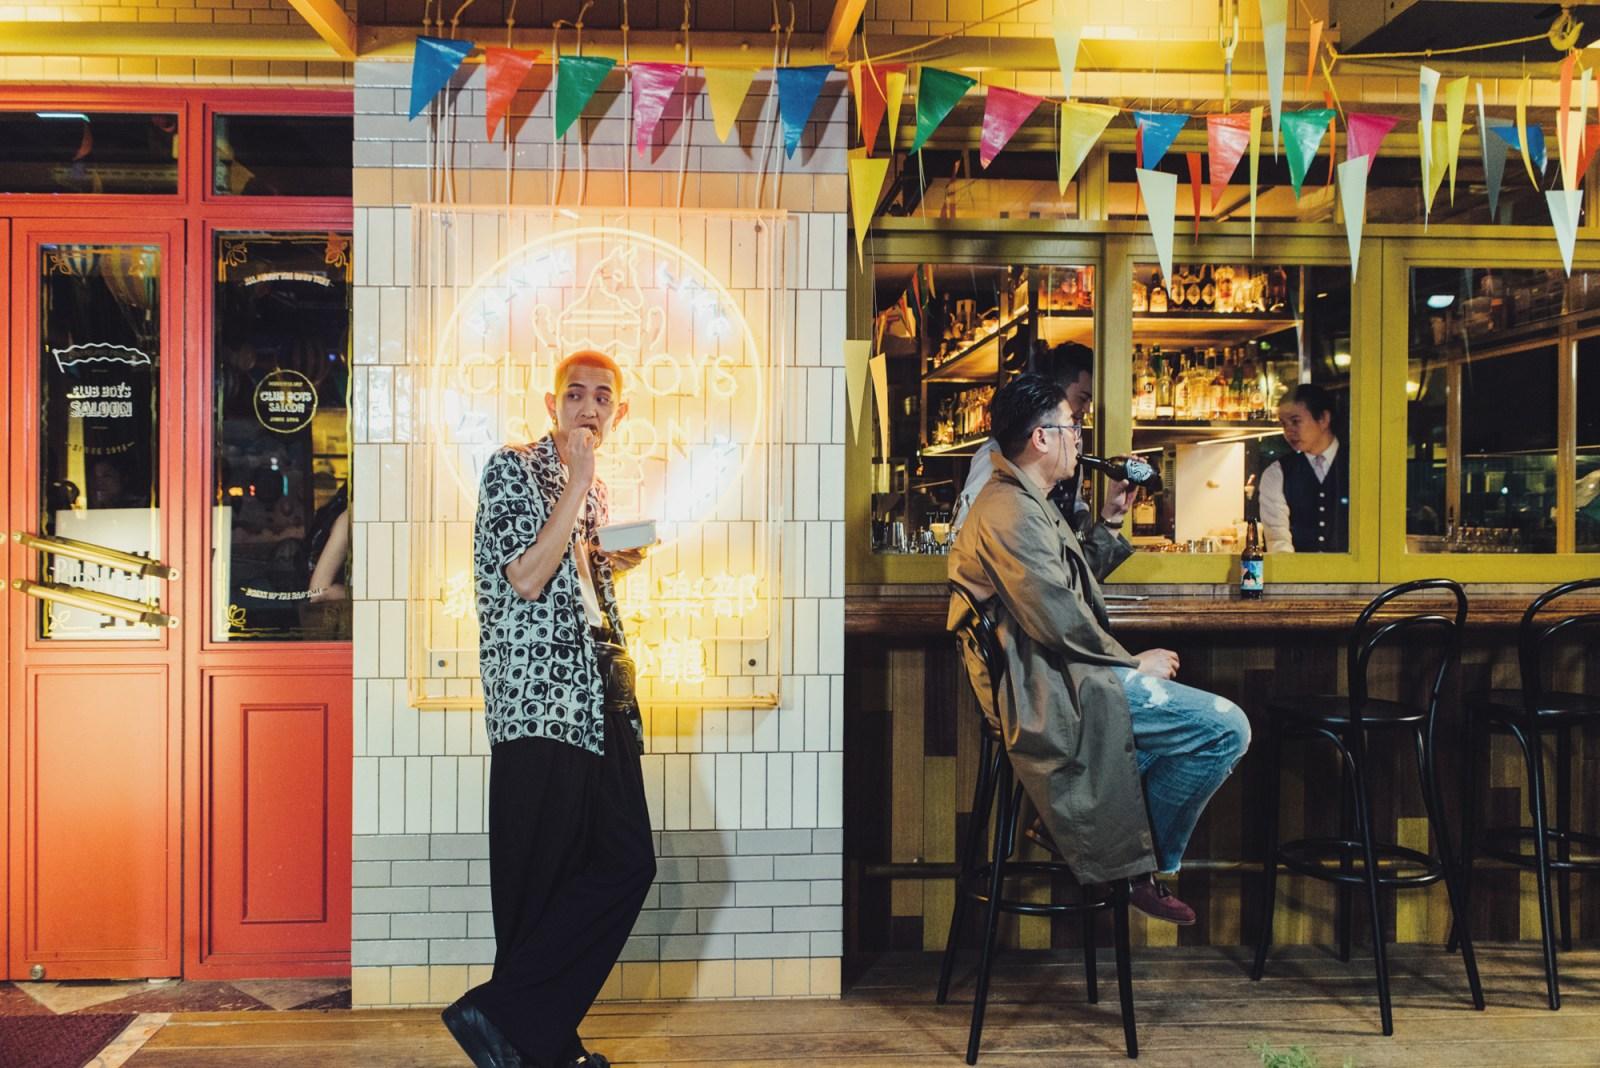 從分眾走向多元 側寫台灣流行文化變遷 30 年